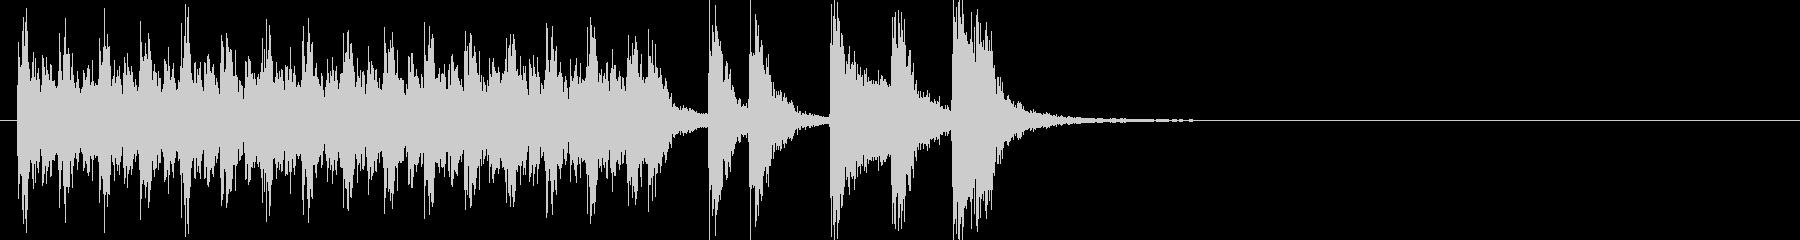 和楽器によるハイテンションな和風ポップの未再生の波形